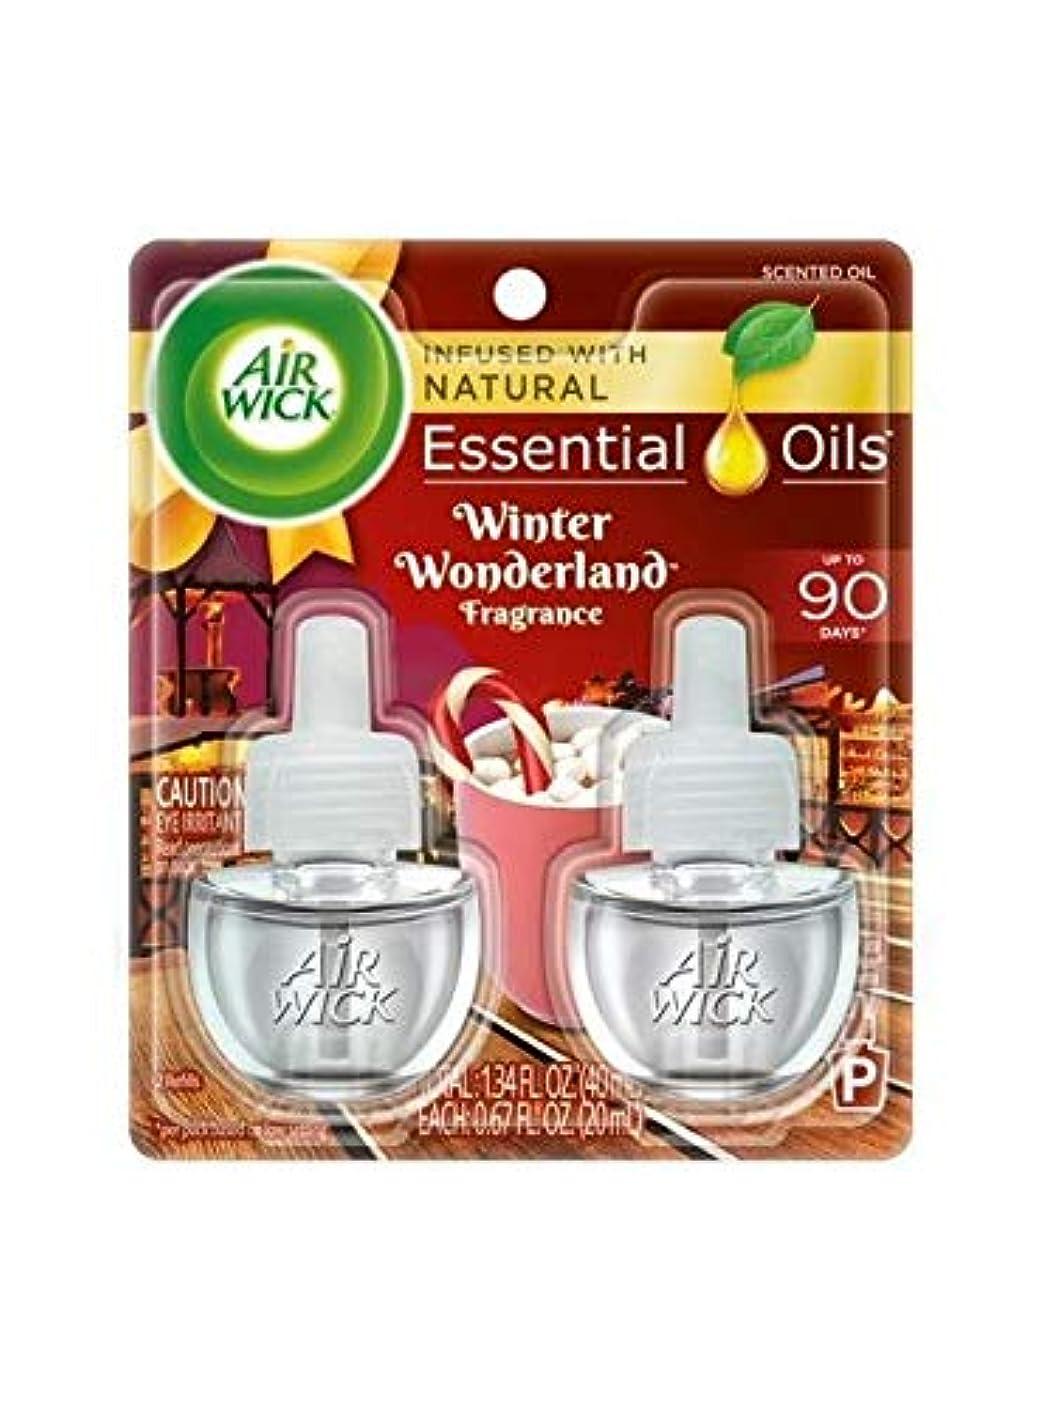 ウィスキー宮殿分析する【Air Wick/エアーウィック】 プラグインオイル詰替えリフィル(2個入り) ウィンターワンダーランド Air Wick Scented Oil Twin Refill Winter Wonderland (2X.67) Oz. [並行輸入品]